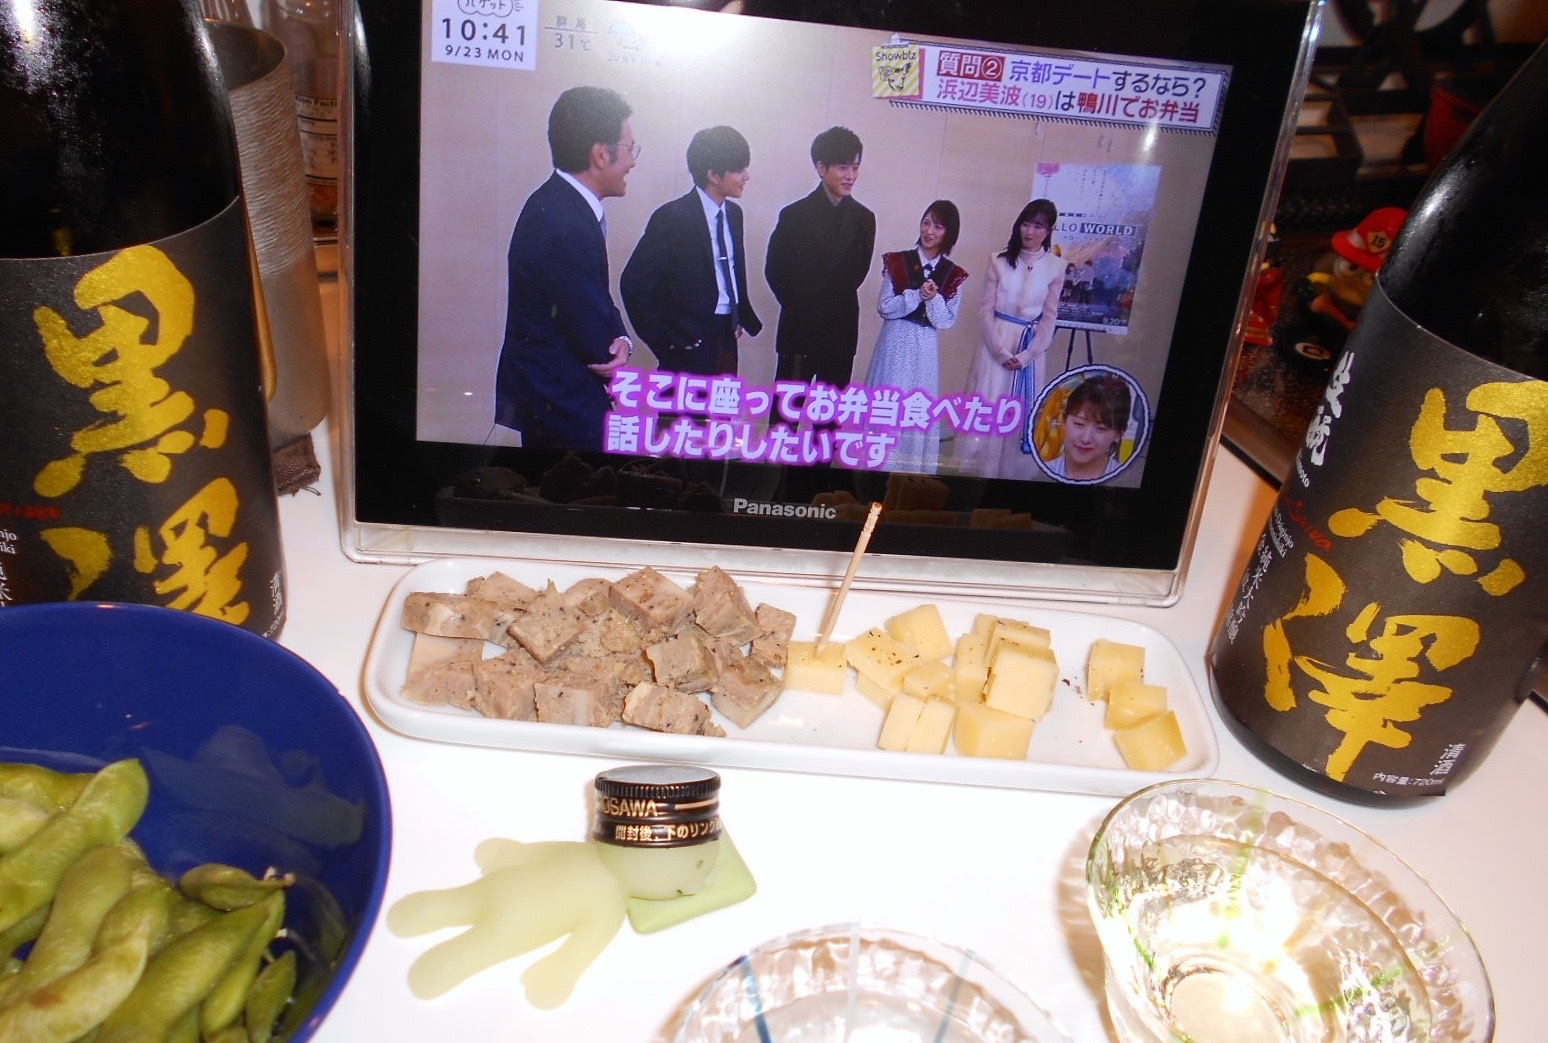 kurosawa_kinmon29by2_7.jpg